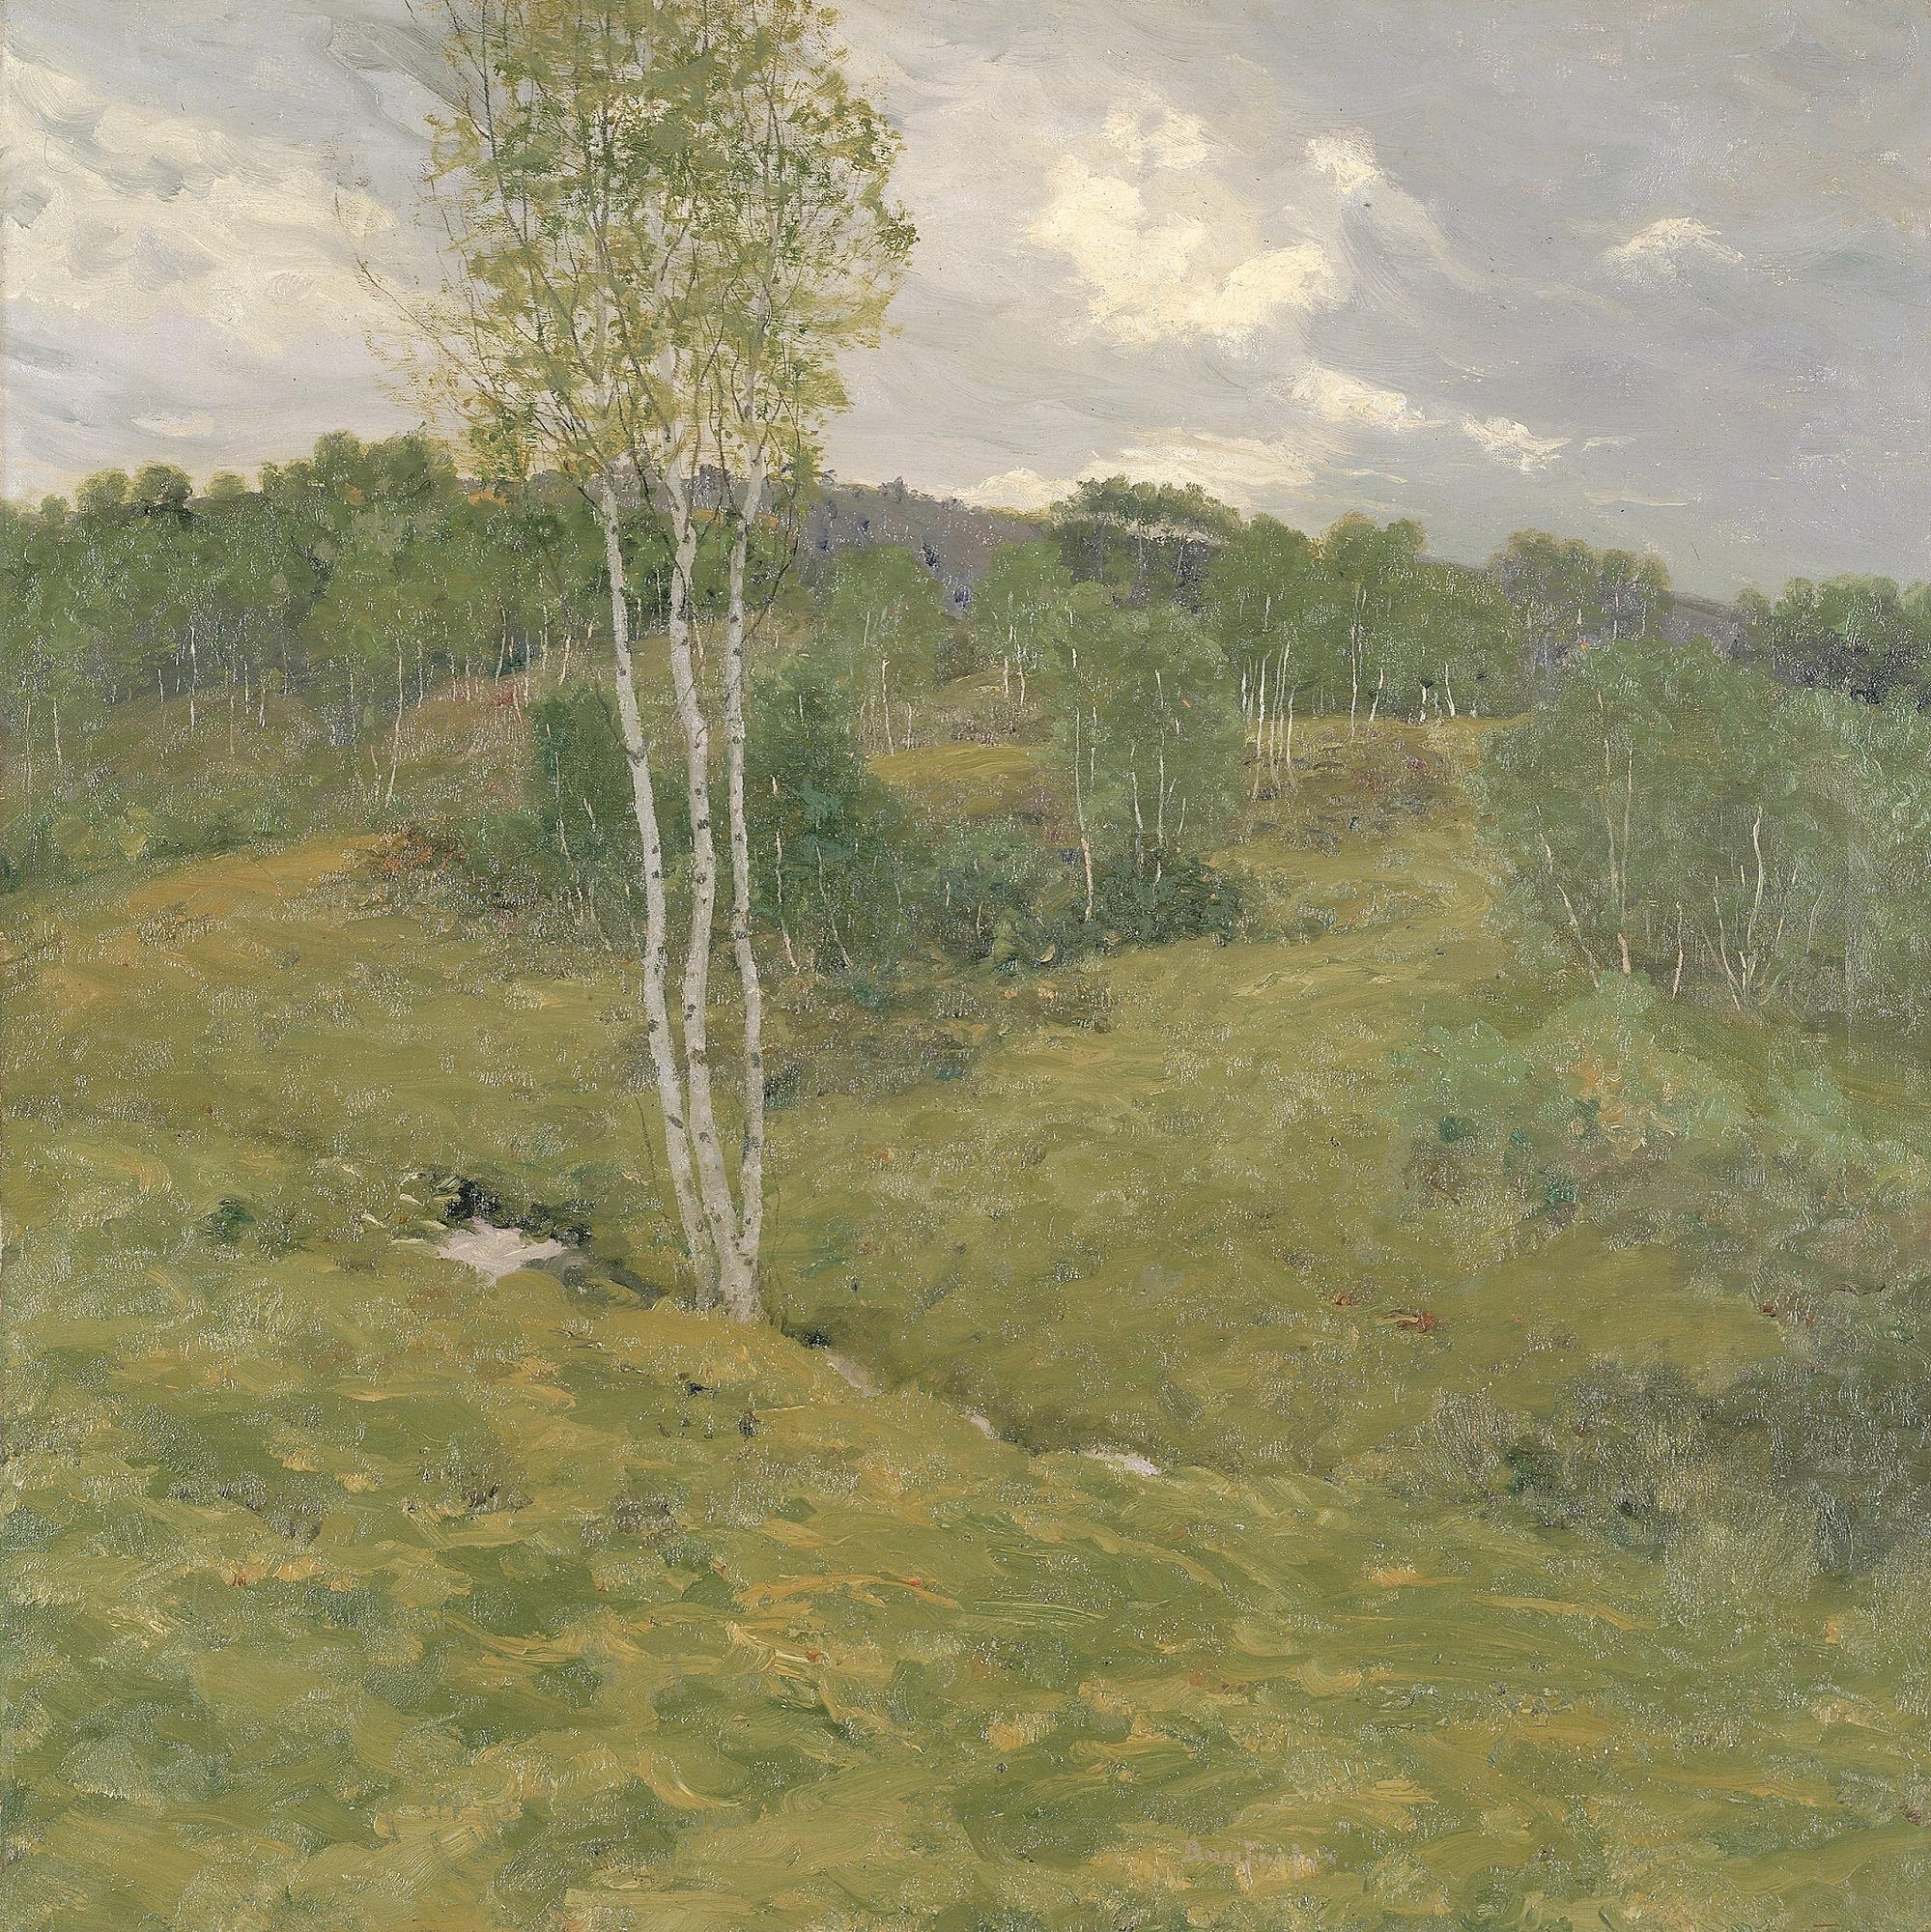 Birch-Clad Hills